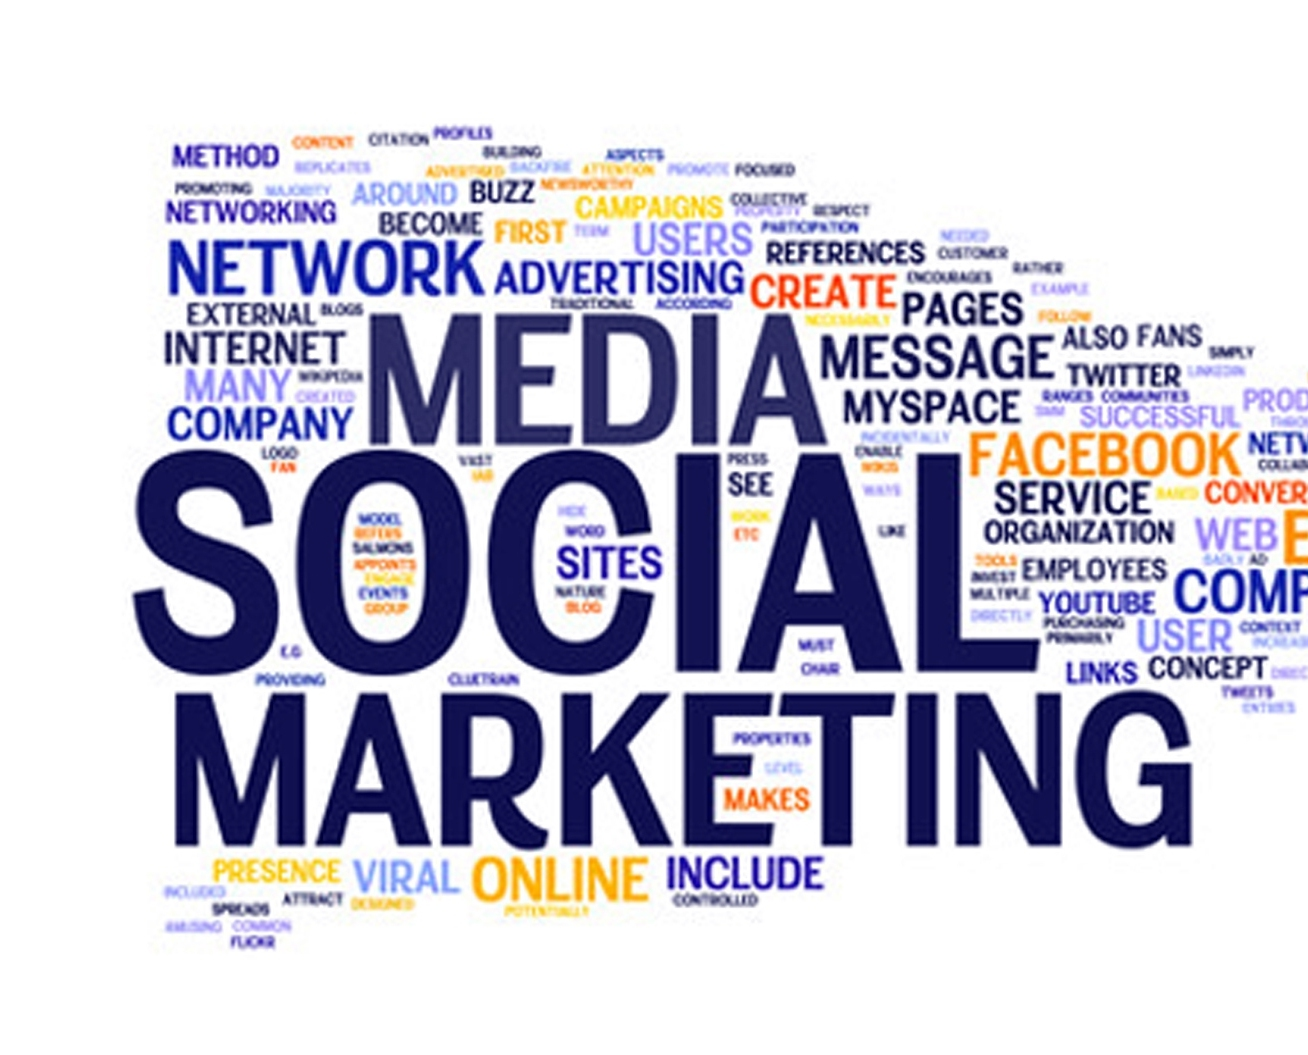 Social-Media-Marketing-2.jpg